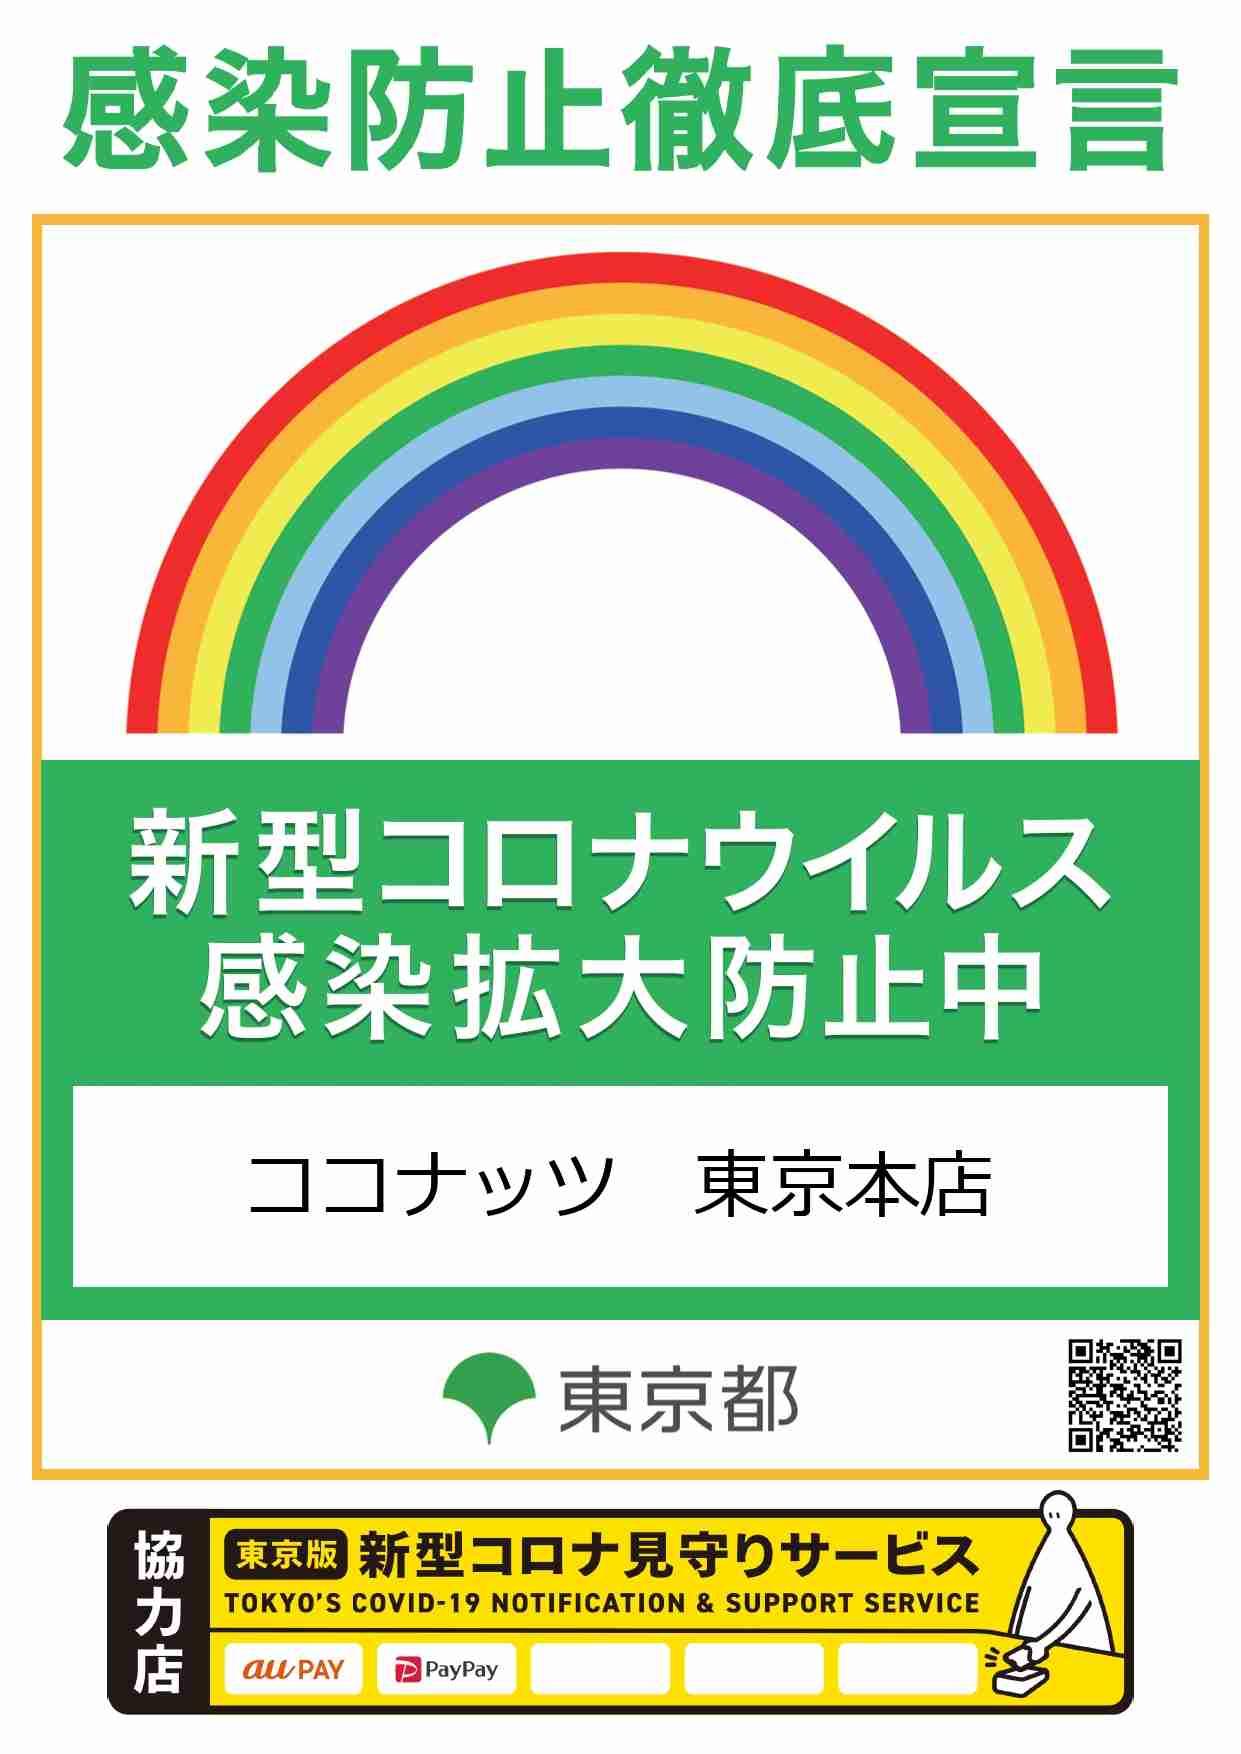 東京都感染拡大防止ステッカー取得